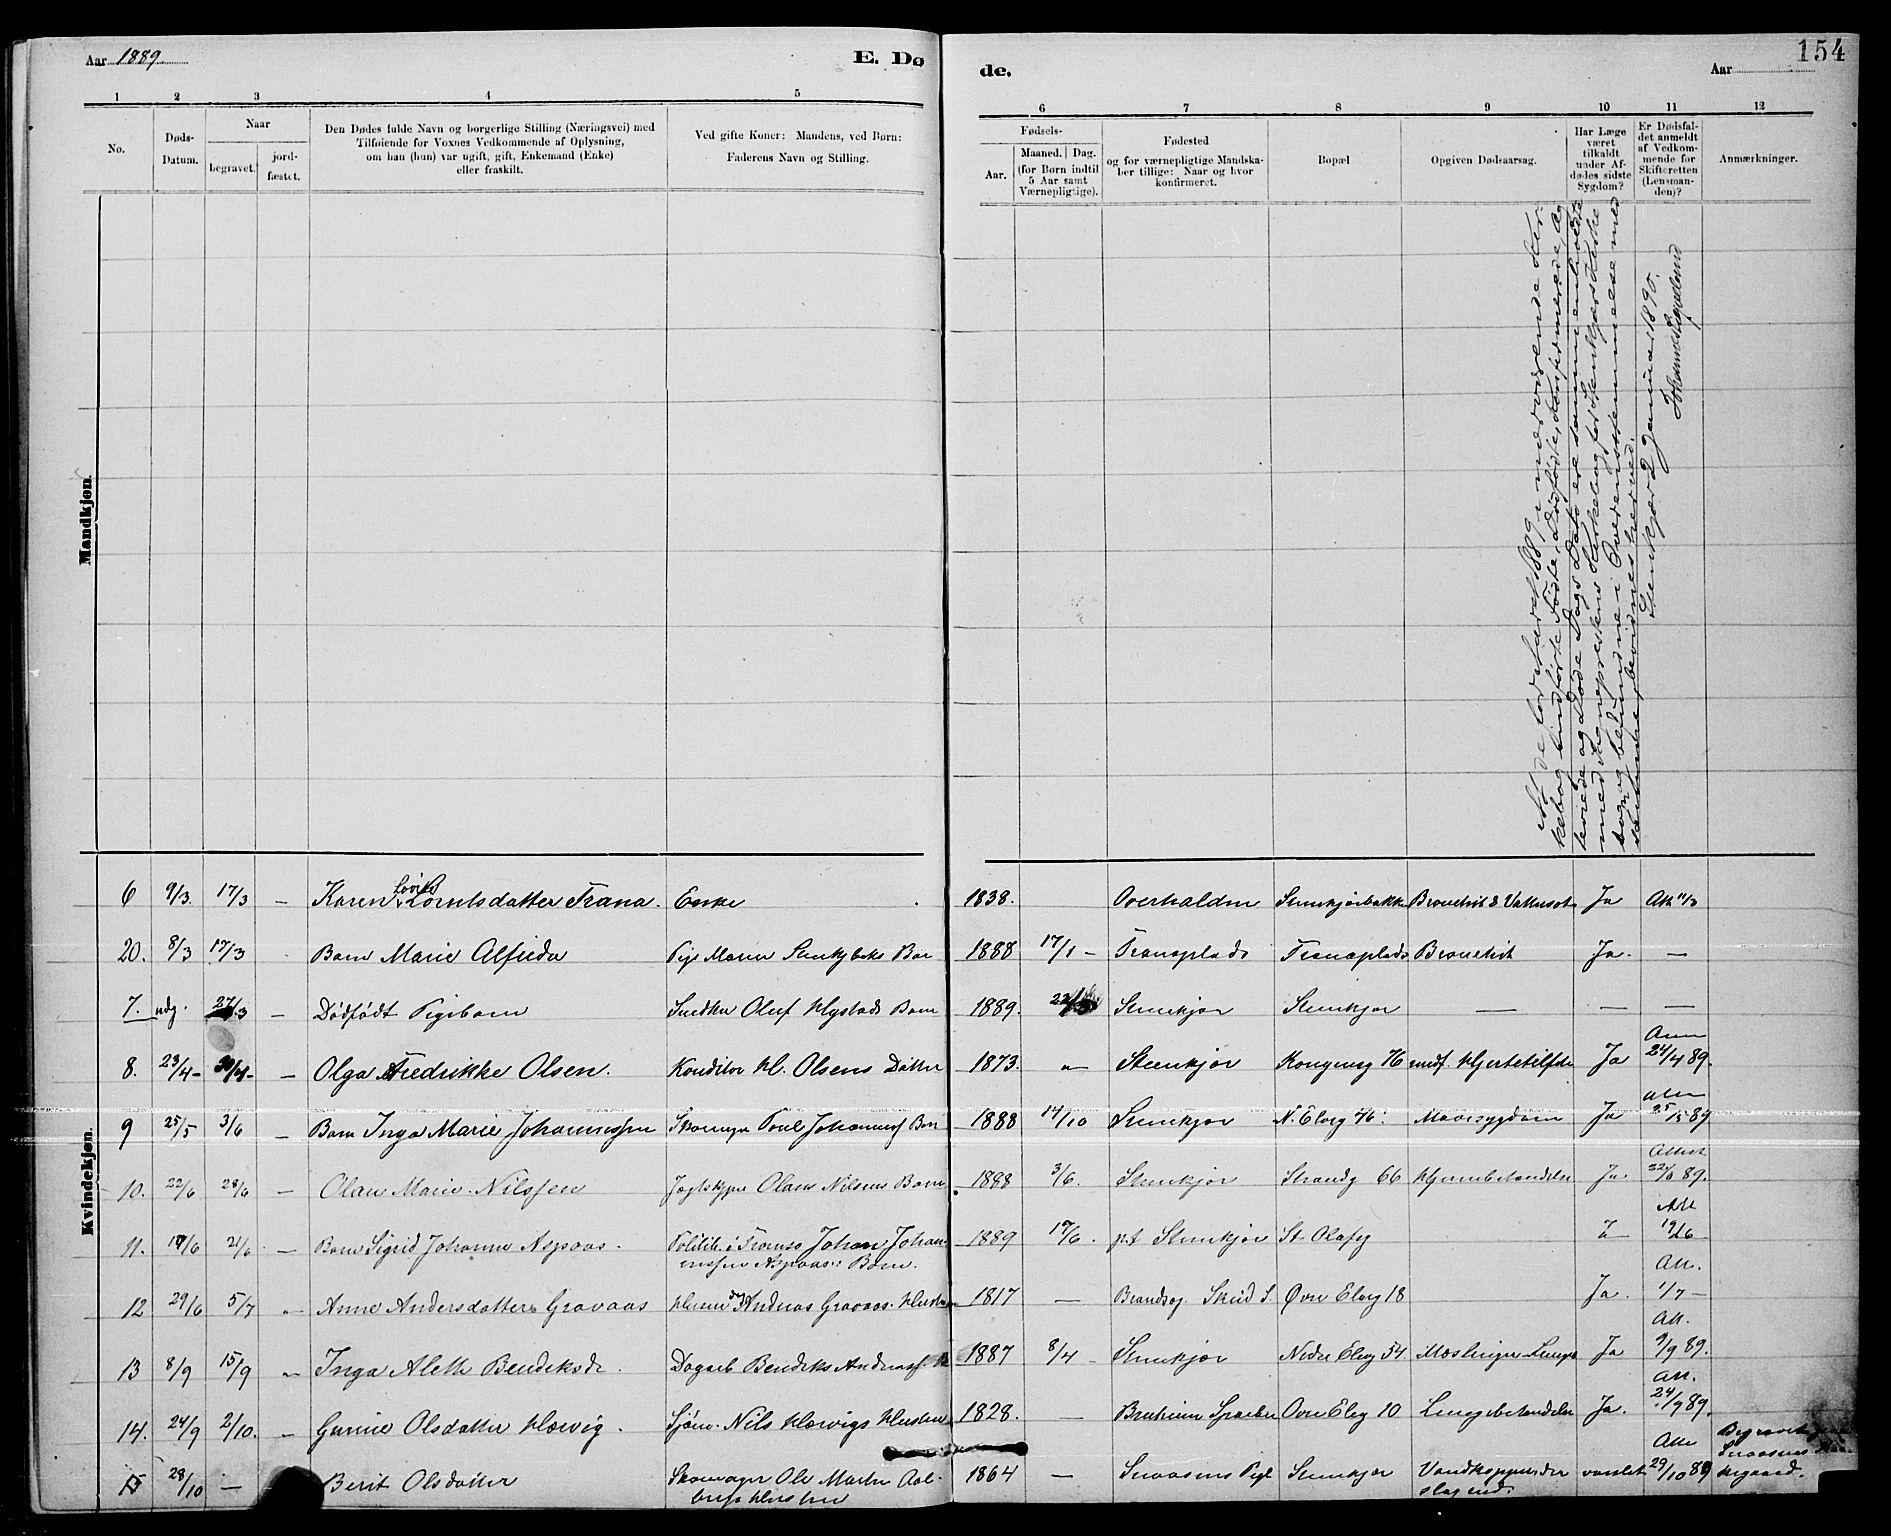 SAT, Ministerialprotokoller, klokkerbøker og fødselsregistre - Nord-Trøndelag, 739/L0374: Klokkerbok nr. 739C02, 1883-1898, s. 154